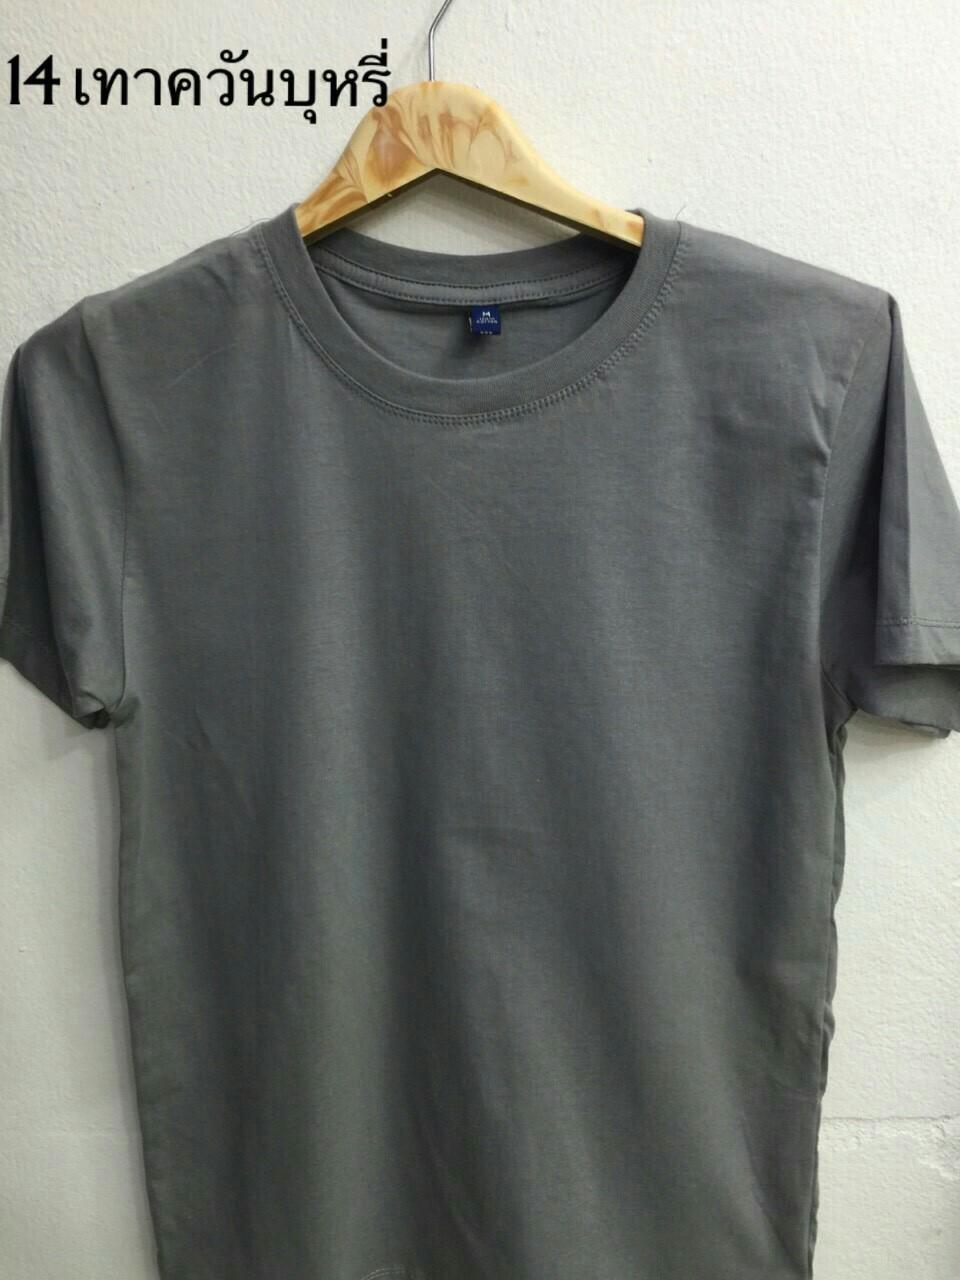 เสื้อ Cotton สีเทาควันบุรี ไซส์ S,M,L